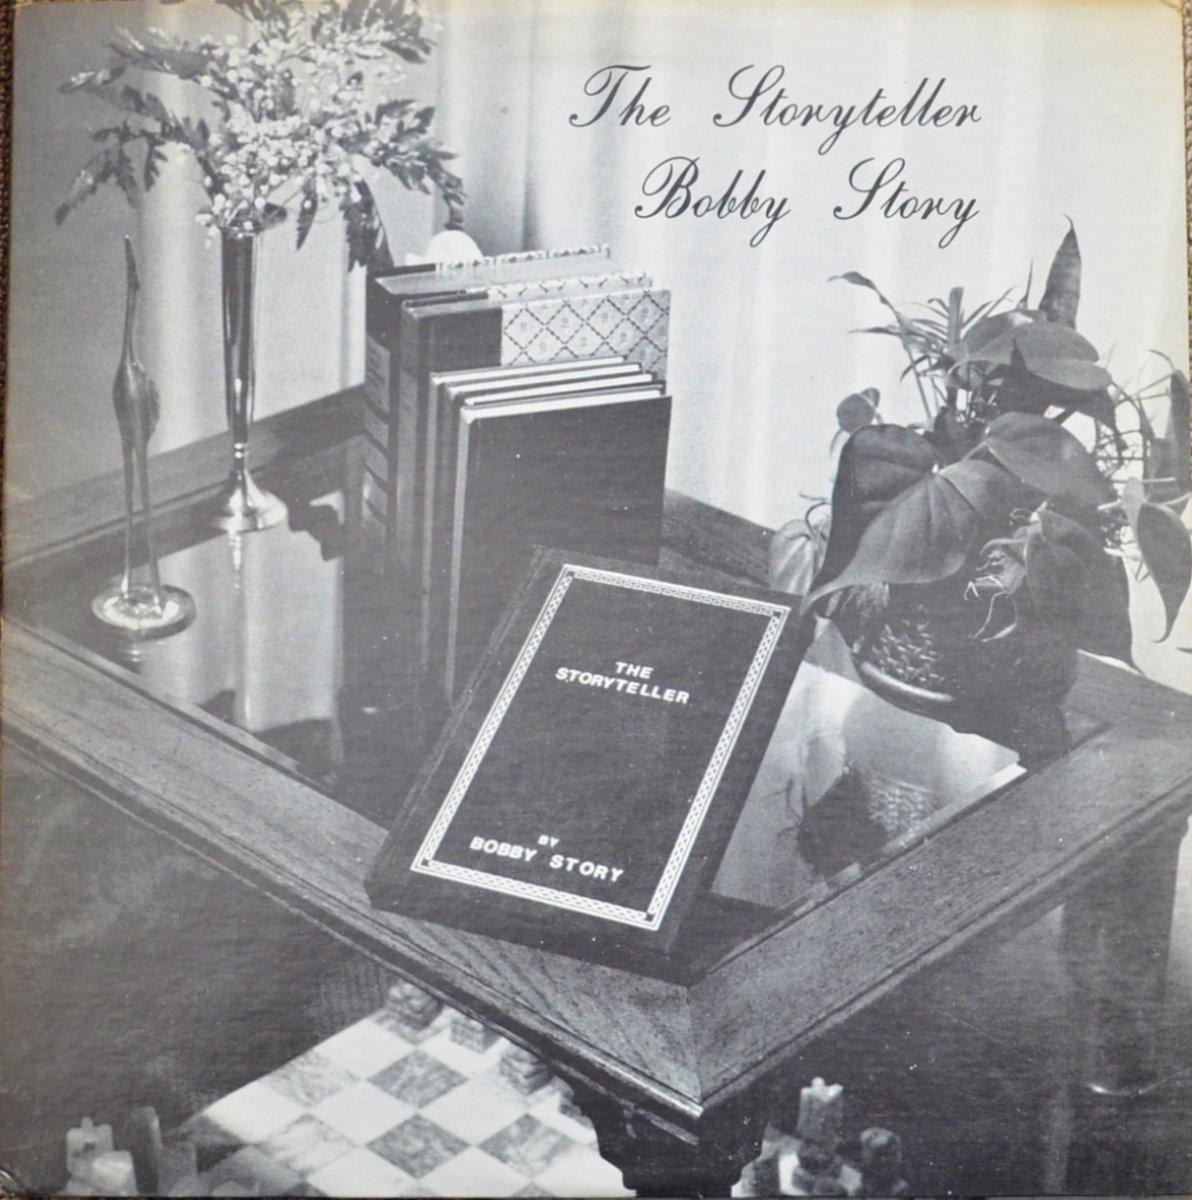 BOBBY STORY / THE STORYTELLER (LP)